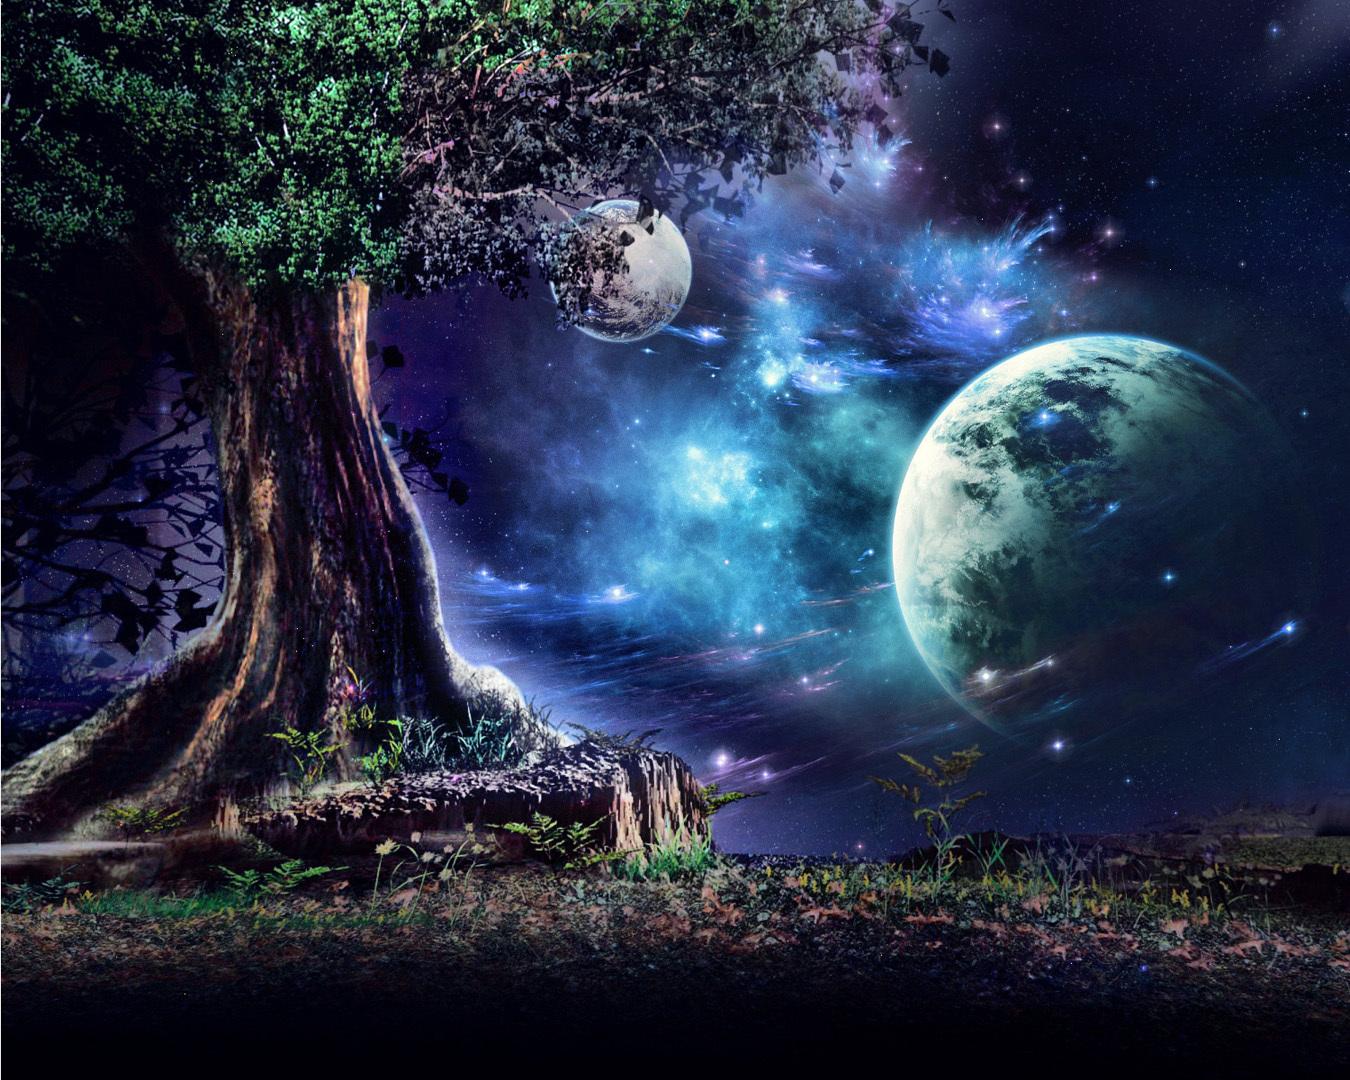 20249 завантажити шпалери Пейзаж, Дерева, Фентезі, Планети - заставки і картинки безкоштовно